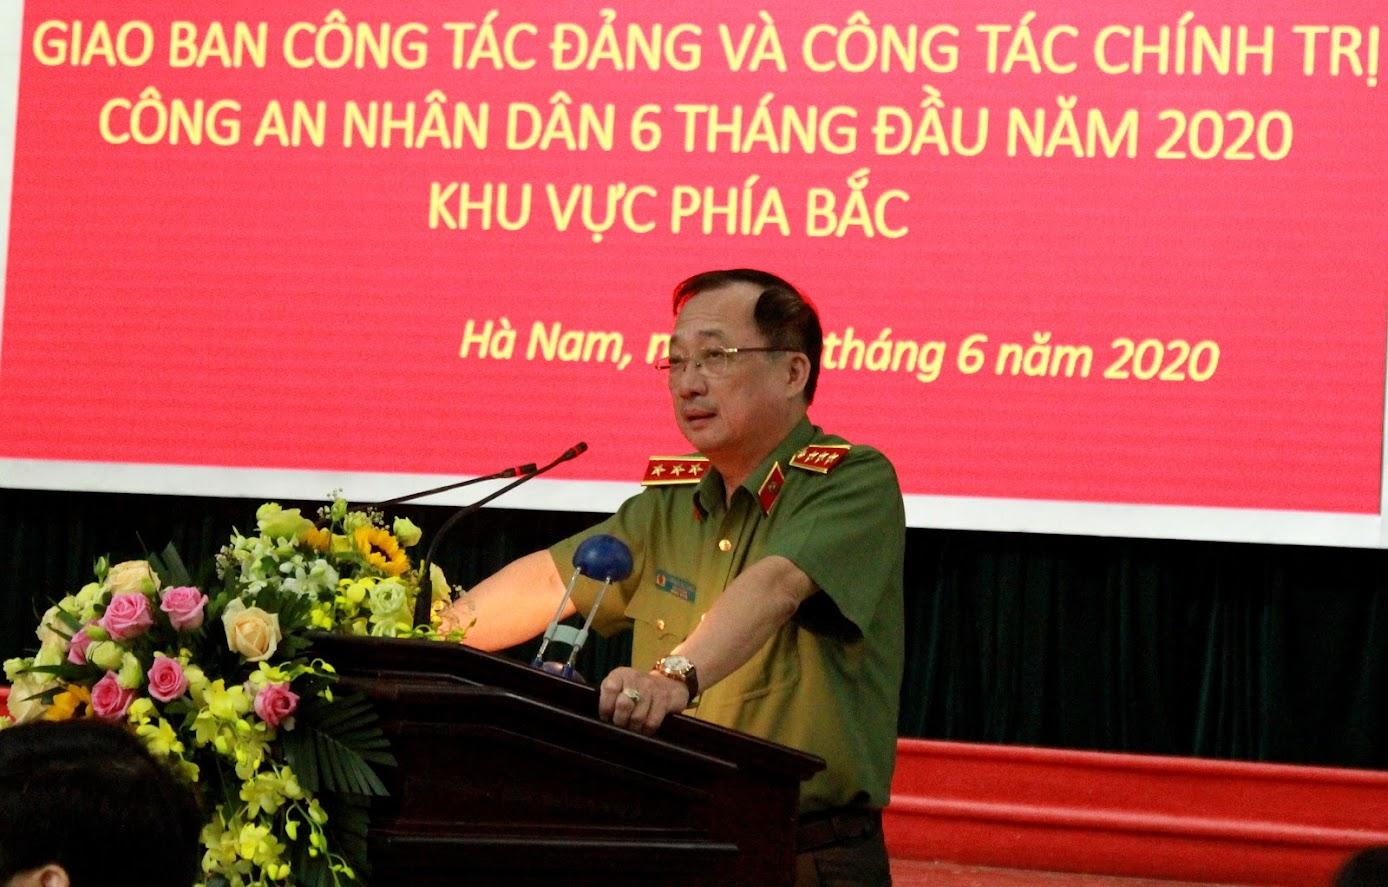 Đồng chí Thượng tướng Nguyễn Văn Thành, Uỷ viên Trung ương Đảng, Thứ trưởng Bộ Công an phát biểu chỉ đạo Hội nghị.